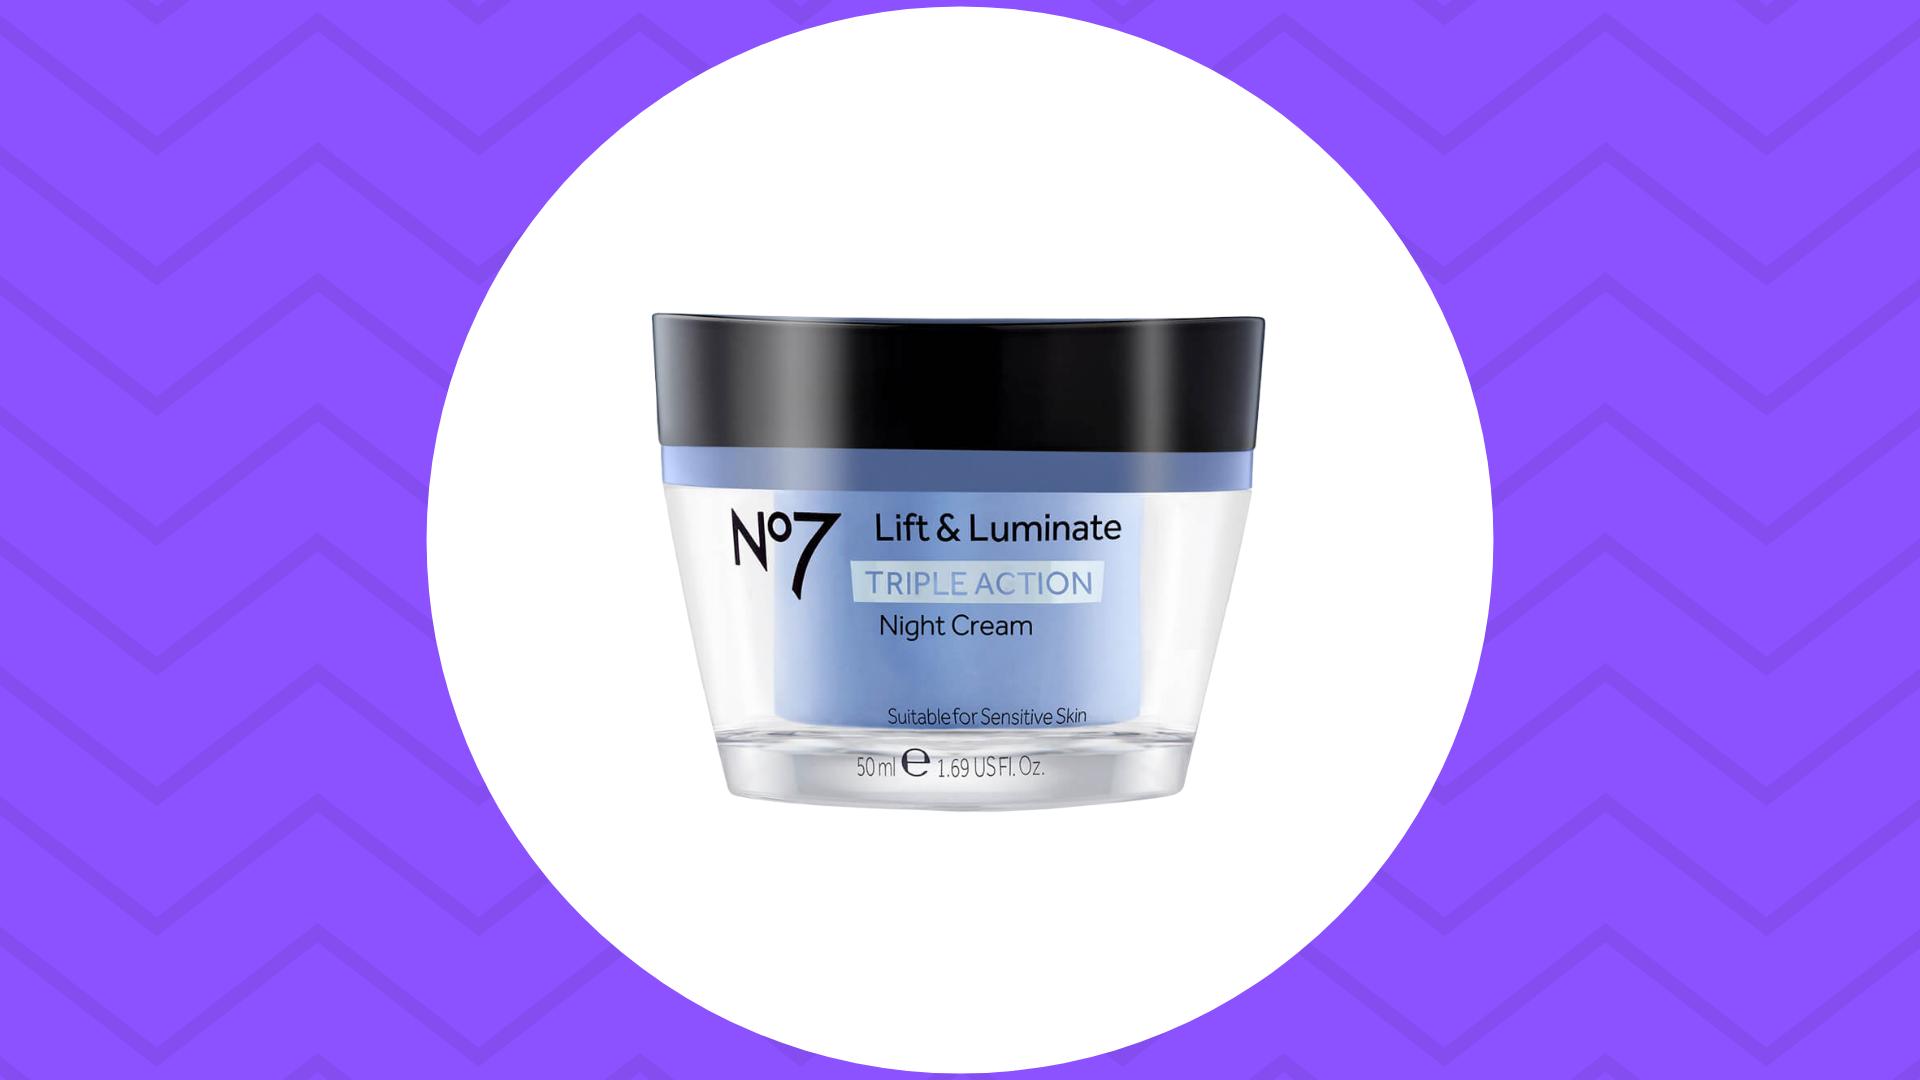 No7 Lift and Luminate cream